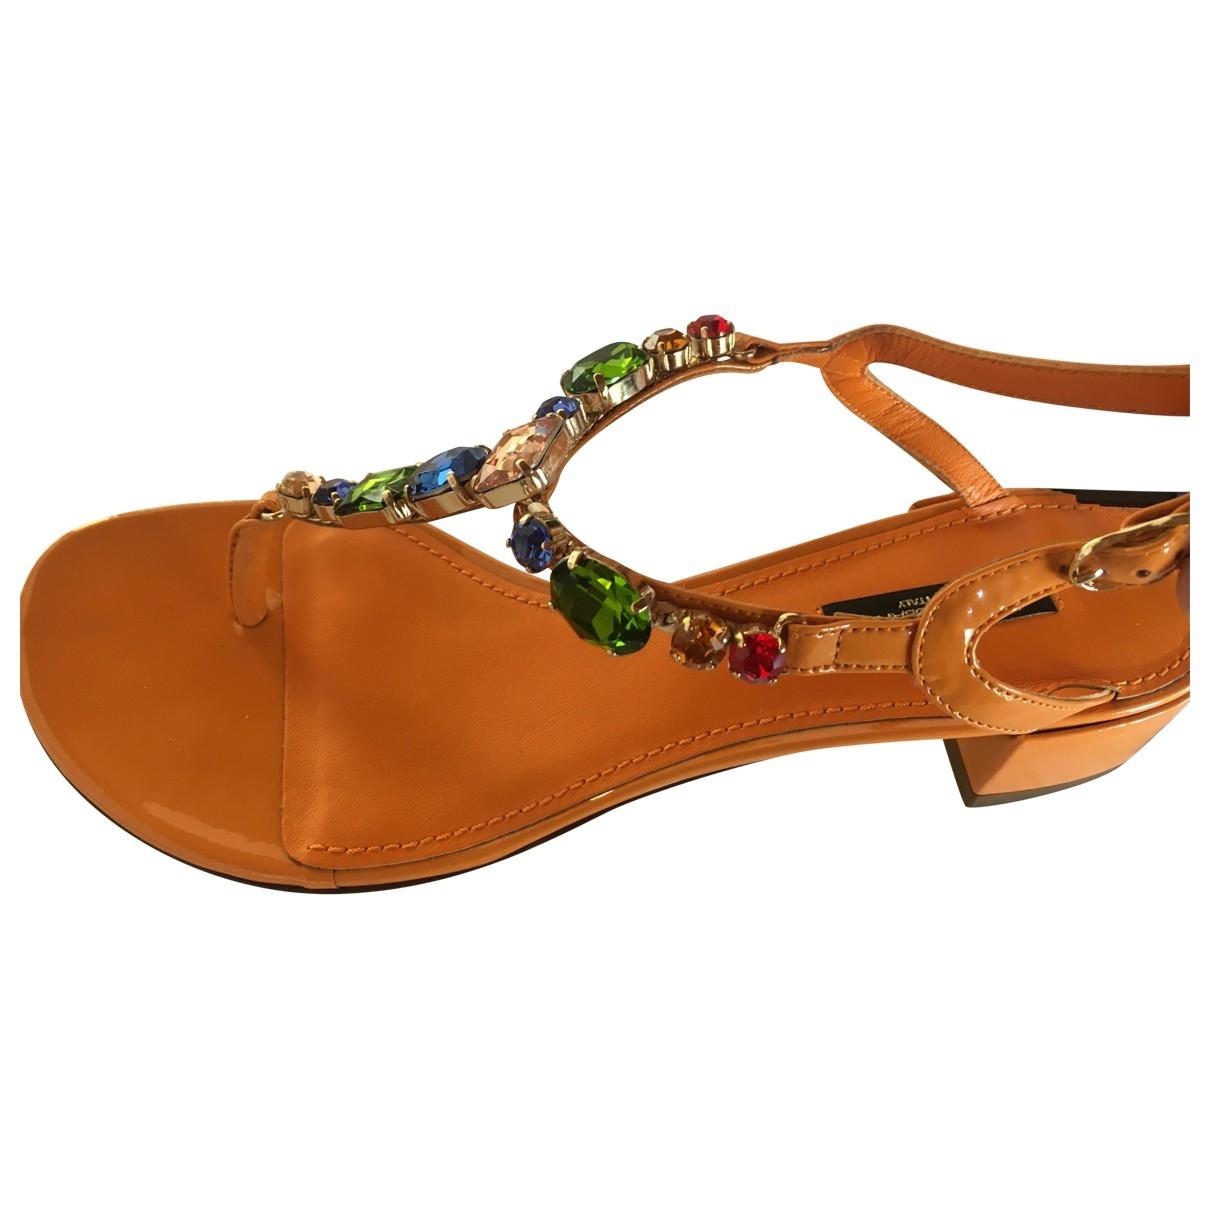 Dolce & Gabbana - Sandales   pour femme en a paillettes - orange